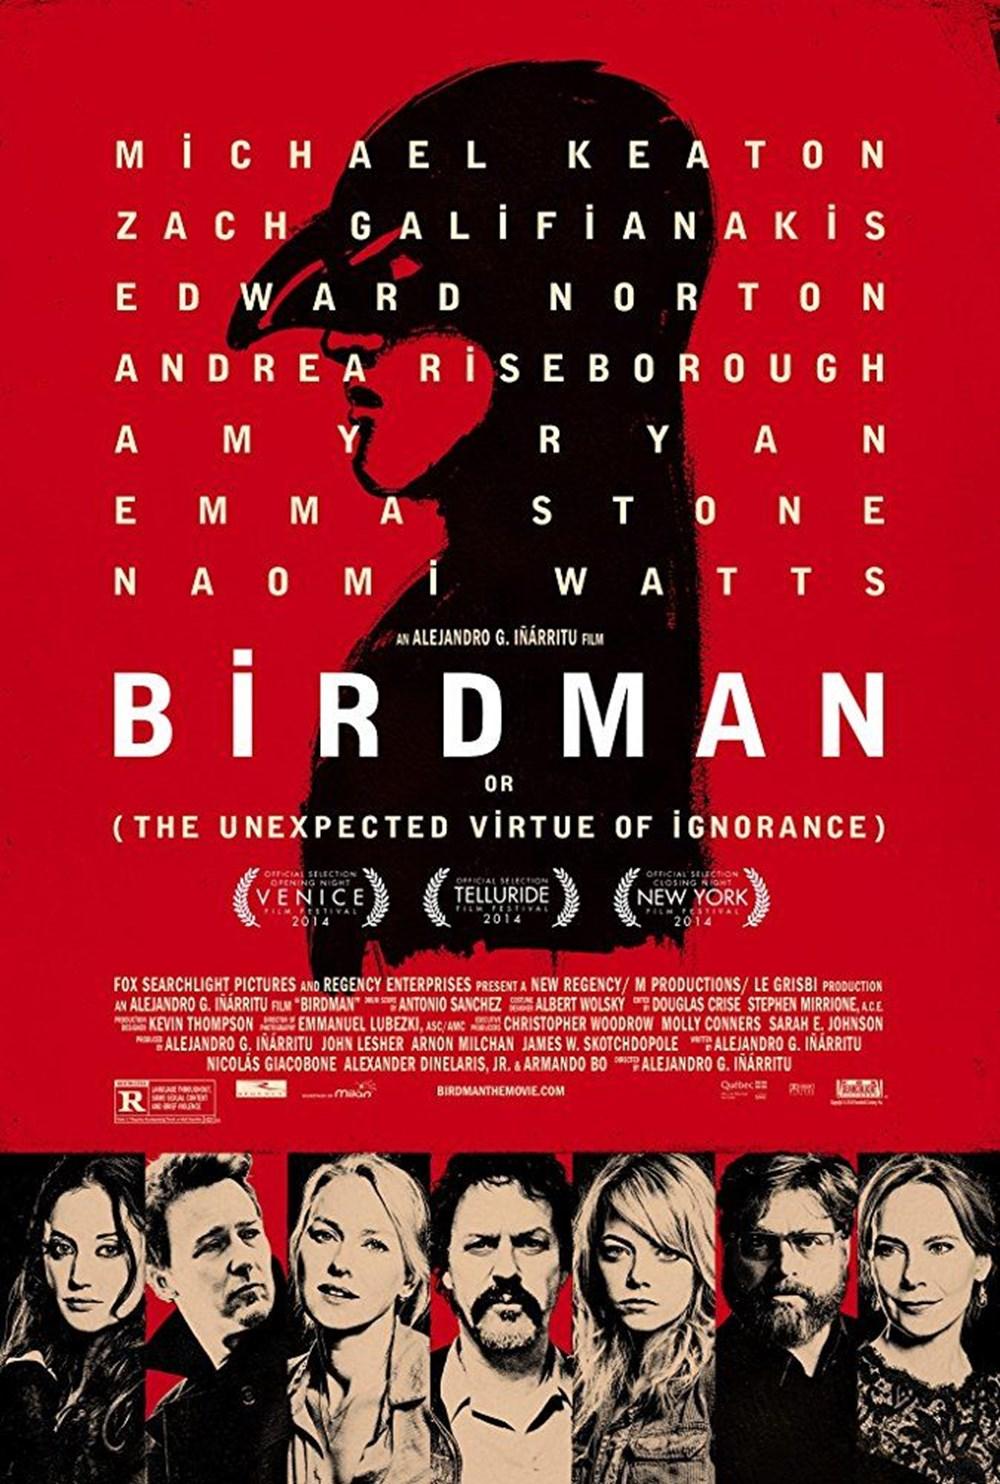 93. Oscar Ödülleri sonrası bugüne kadar ödül alan en iyi filmler - 88